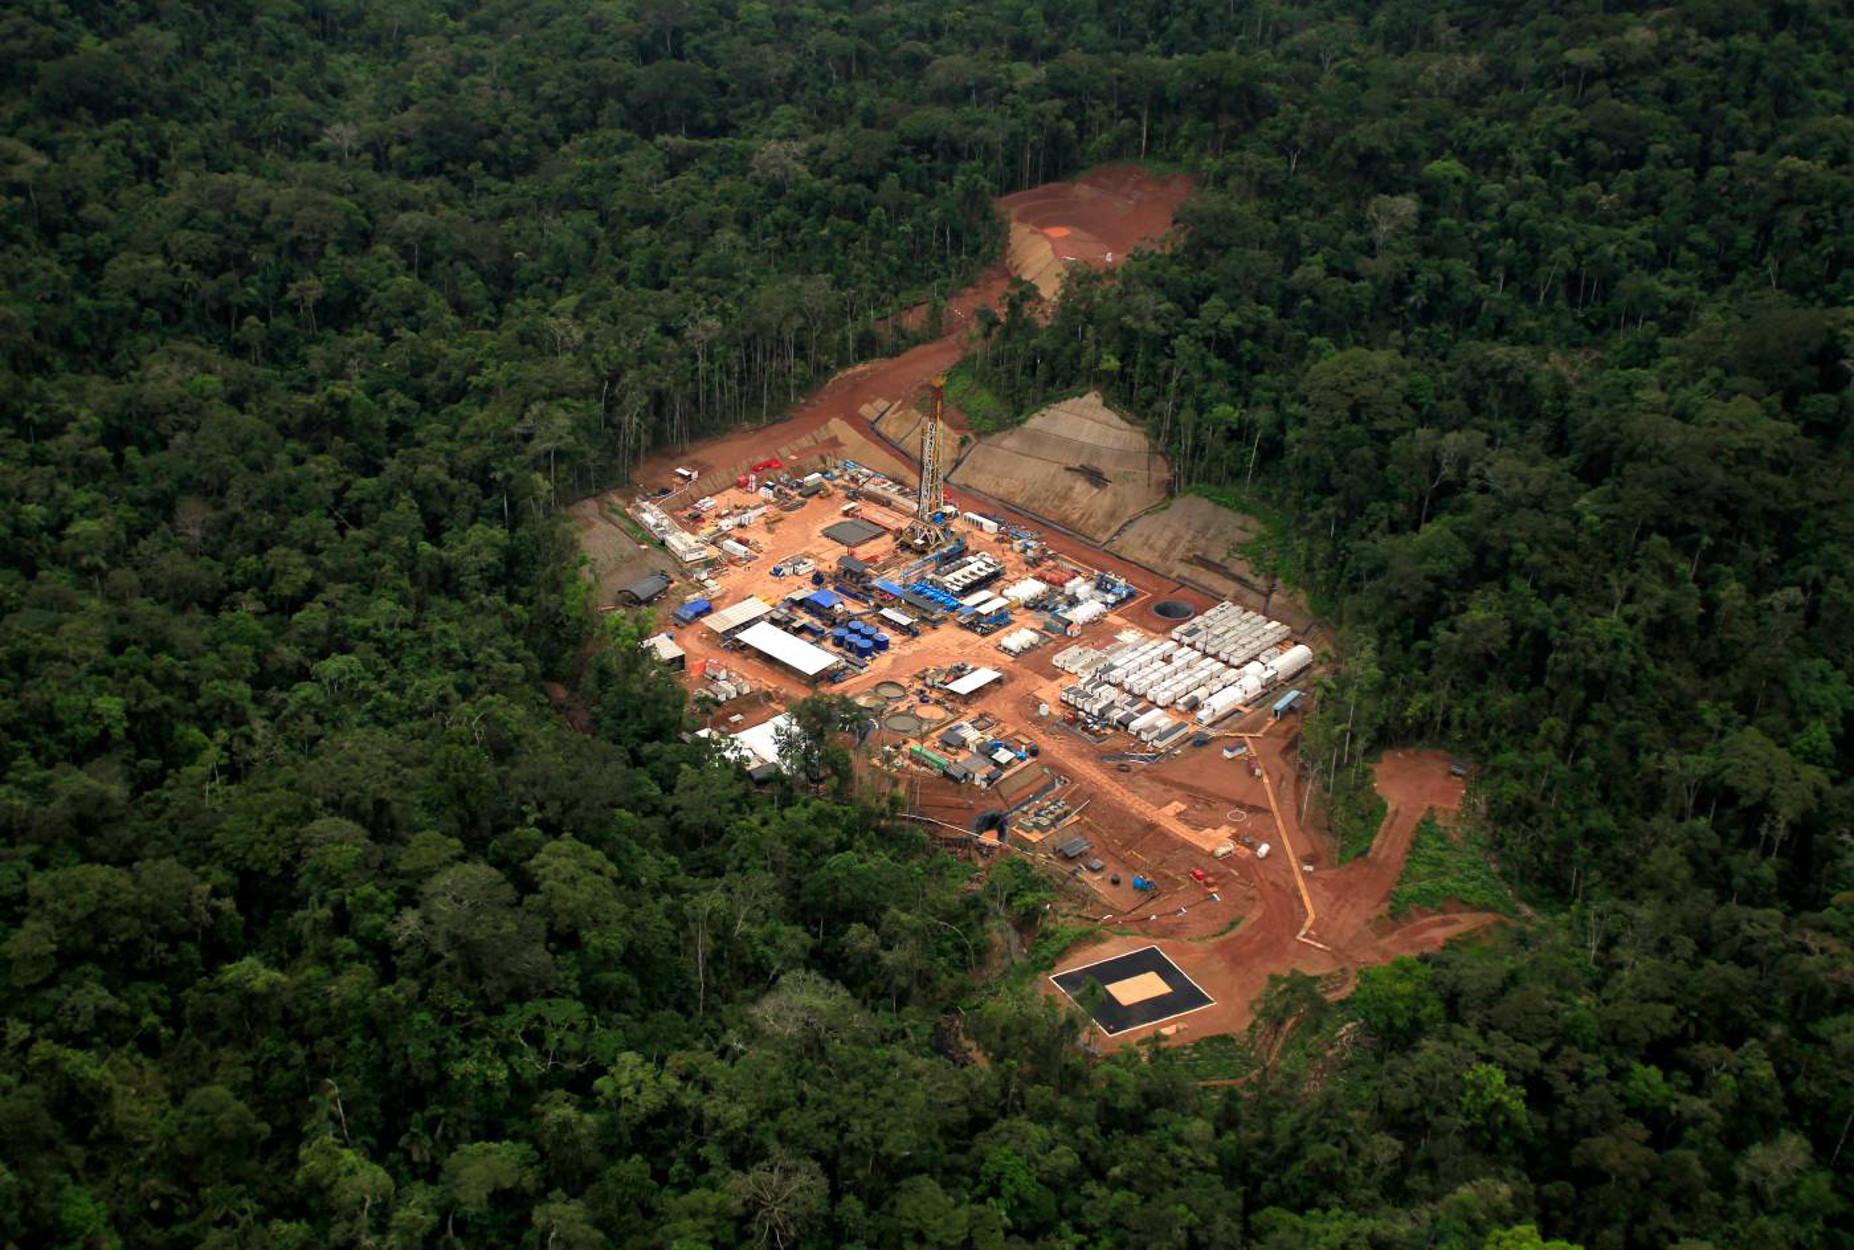 Περού: Τελεσίγραφο στις εταιρείες που διαχειρίζονται το φυσικό αέριο στην Καμισέα